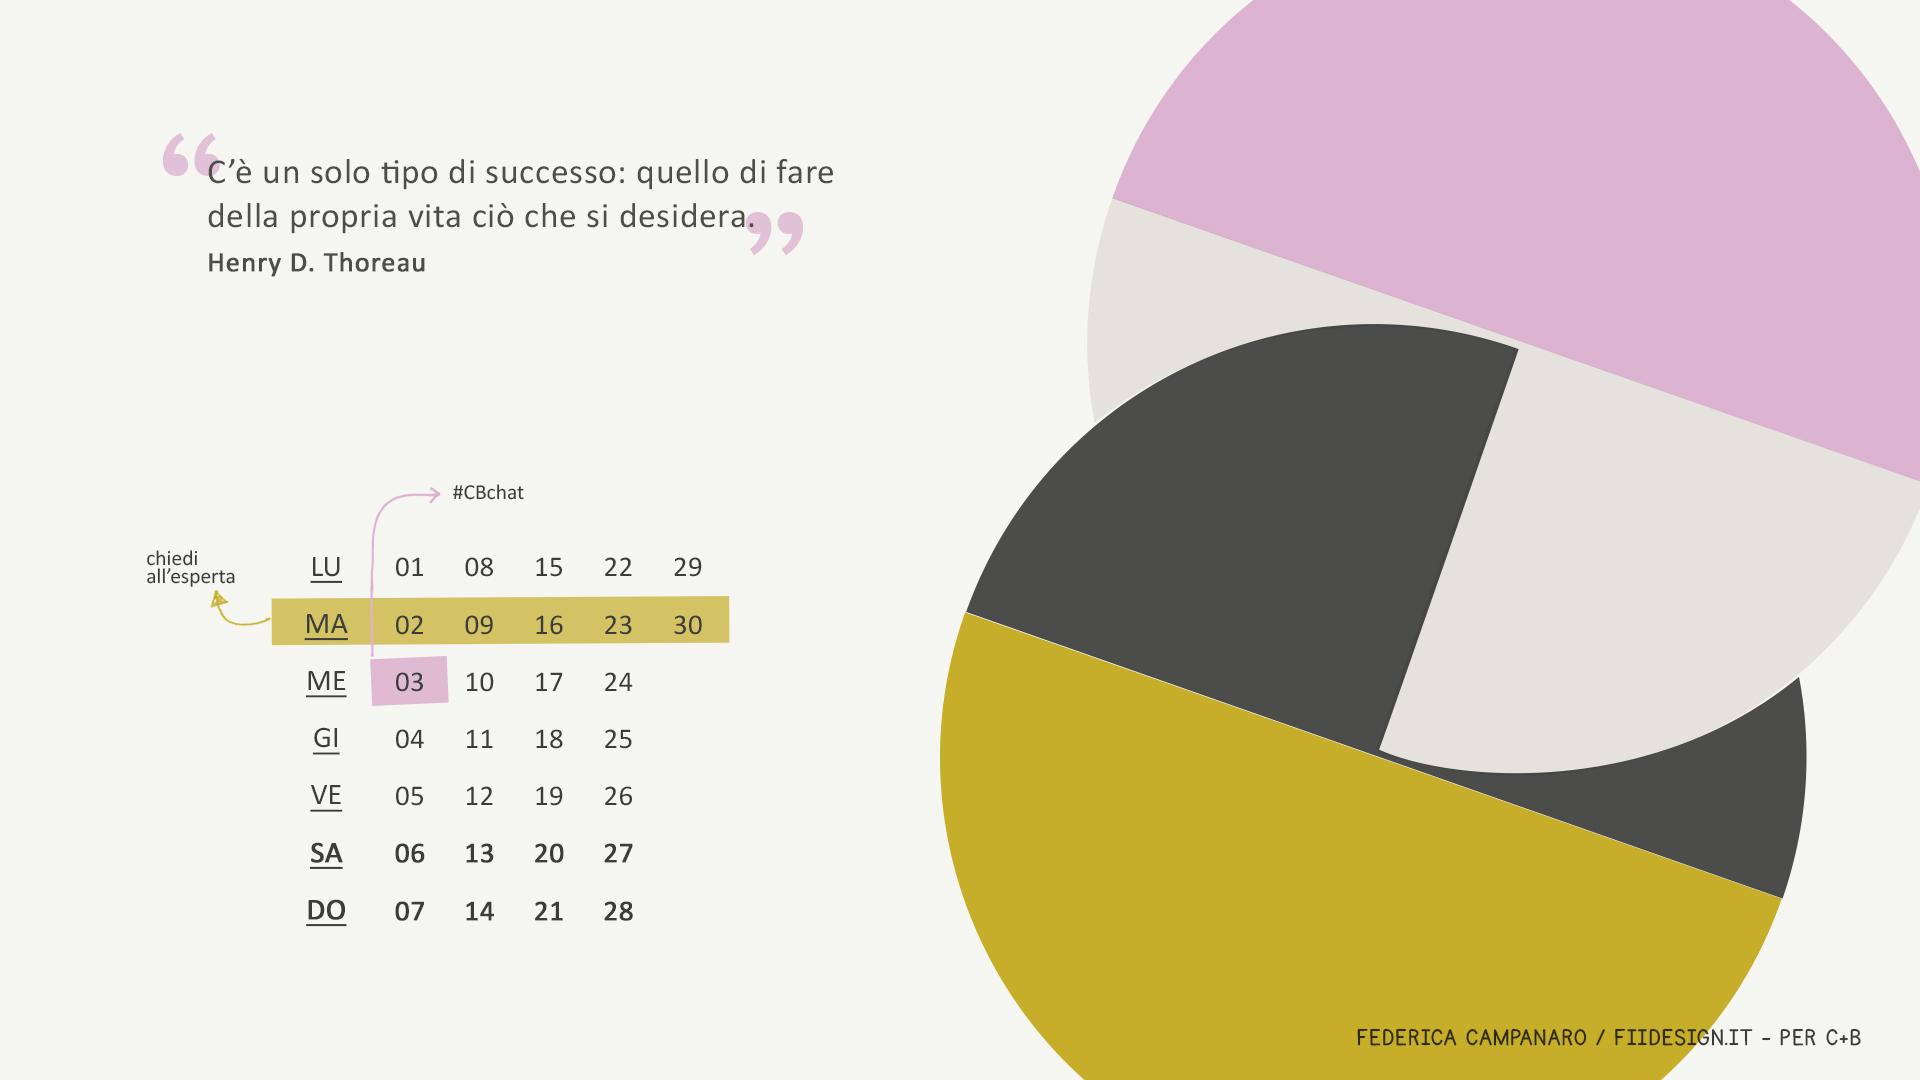 Calendario Mese Giugno.Calendario Desktop Scaricabile Giugno 2015 C B